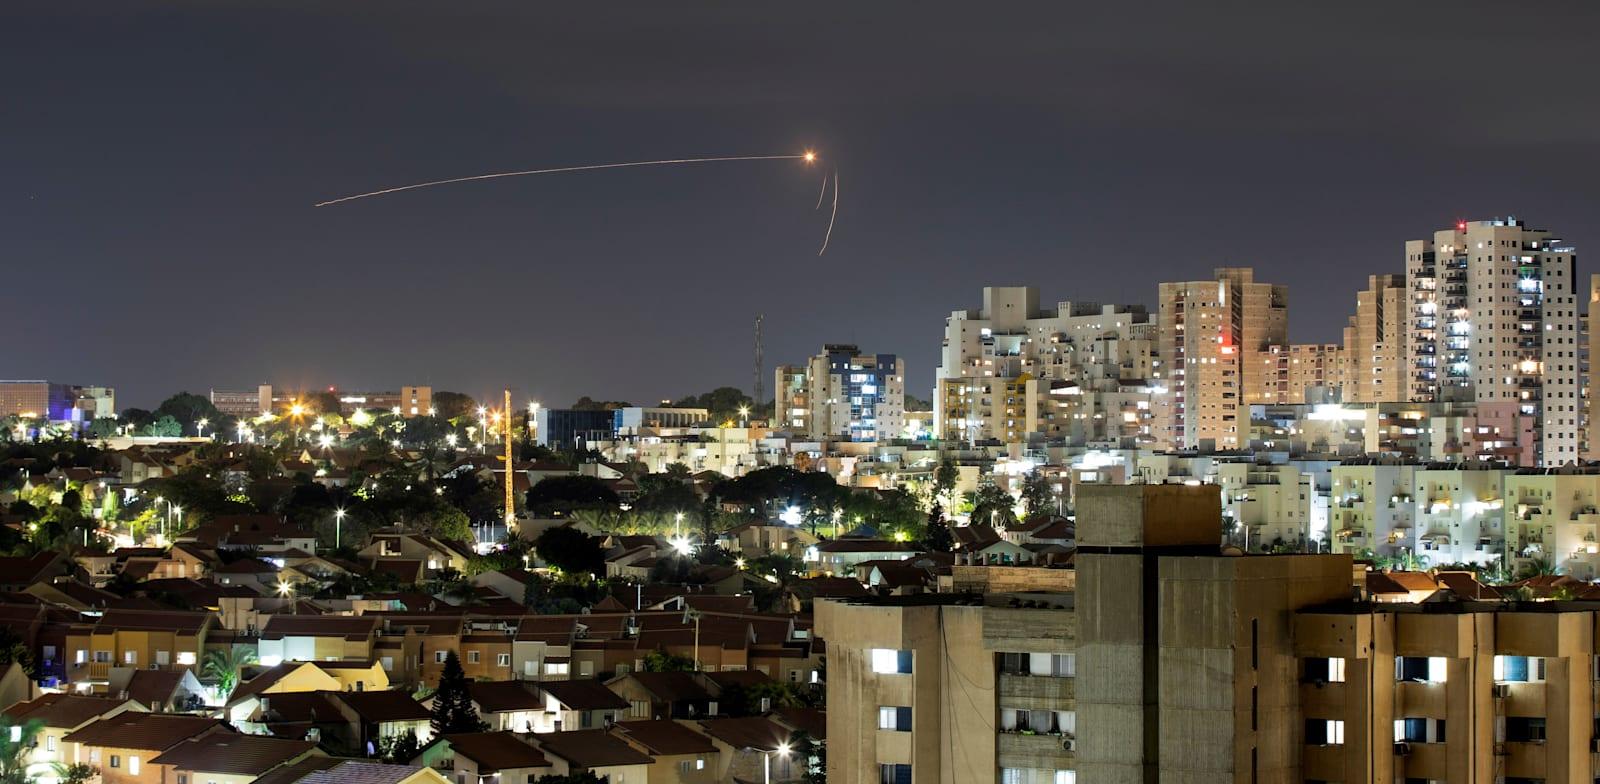 כיפת ברזל מיירטת רקטה ששוגרה מרצועת עזה לעבר ישראל מעל שמי אשקלון, הלילה / צילום: Reuters, AMIR COHEN